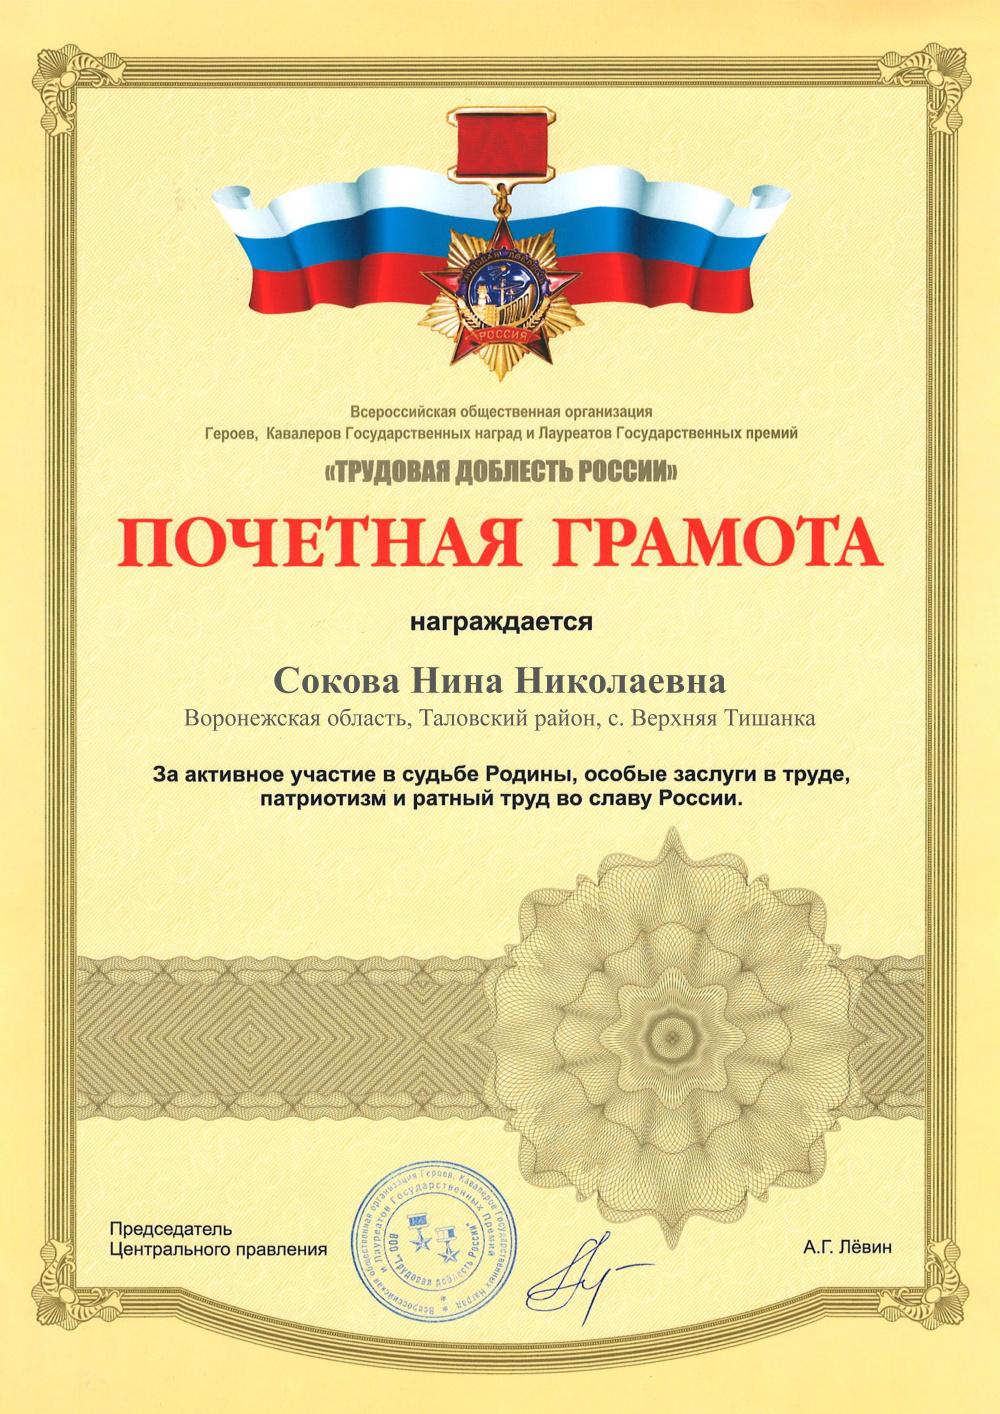 Награждение почетной грамотой Сокову Н.Н.